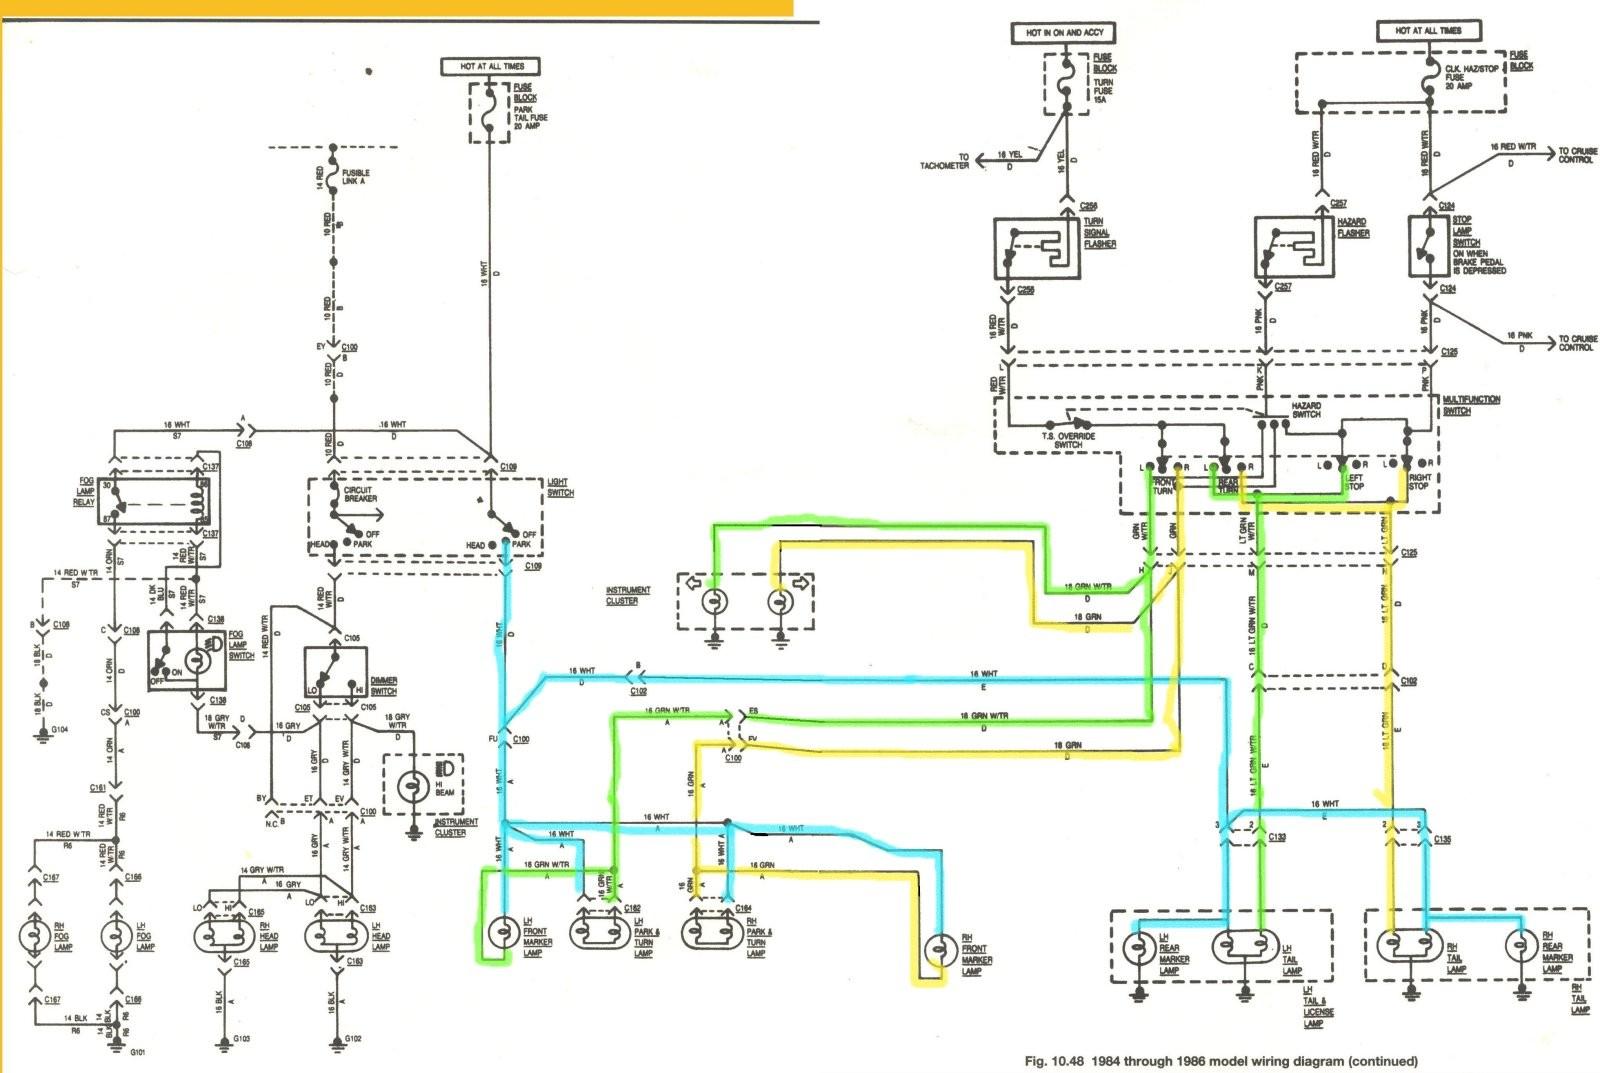 Jeep Cj7 Headlight Switch Wiring - Wiring Diagram M4 Jeep Cj Headlight Switch Wiring Diagram on